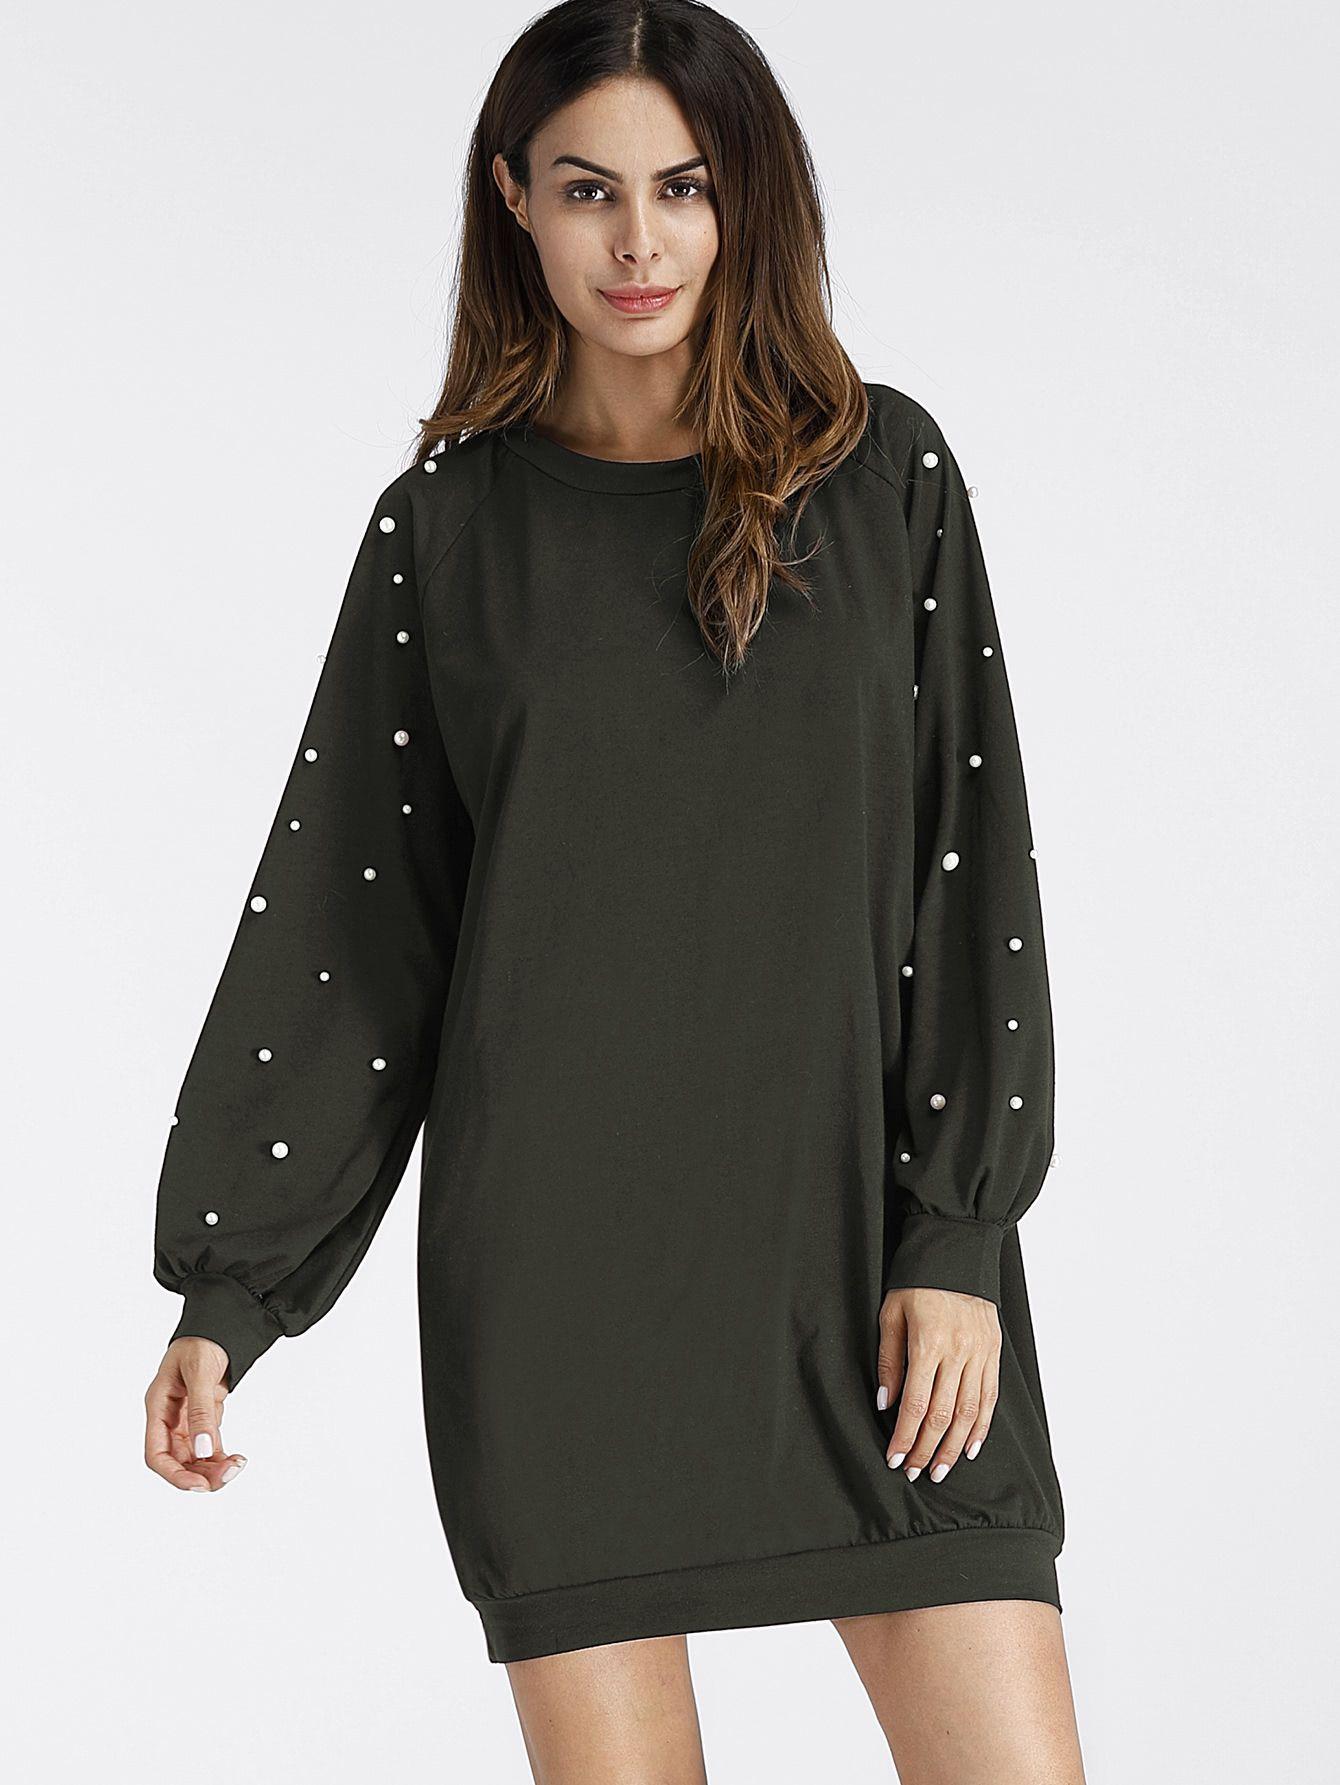 prix limité hot-vente plus récent caractéristiques exceptionnelles Robe Sweat-shirt avec perle -French SheIn(Sheinside ...